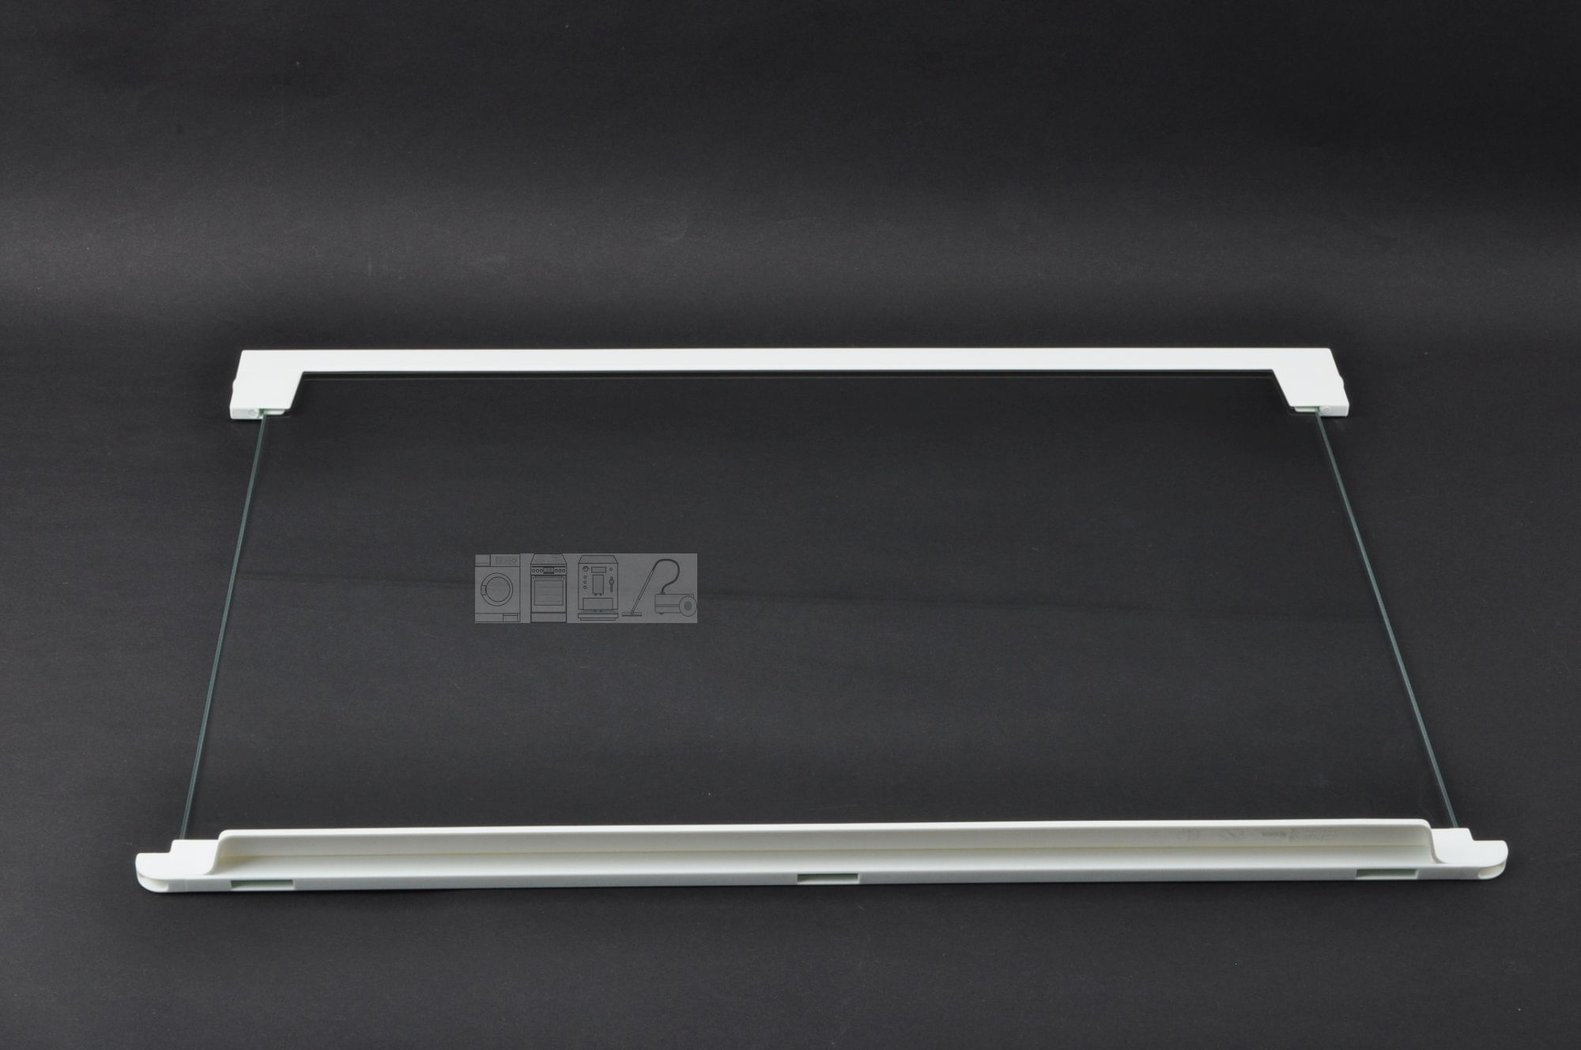 Aeg Kühlschrank Glasplatte : Aeg glasplatte kühlschrank ablage mm einlege boden fach